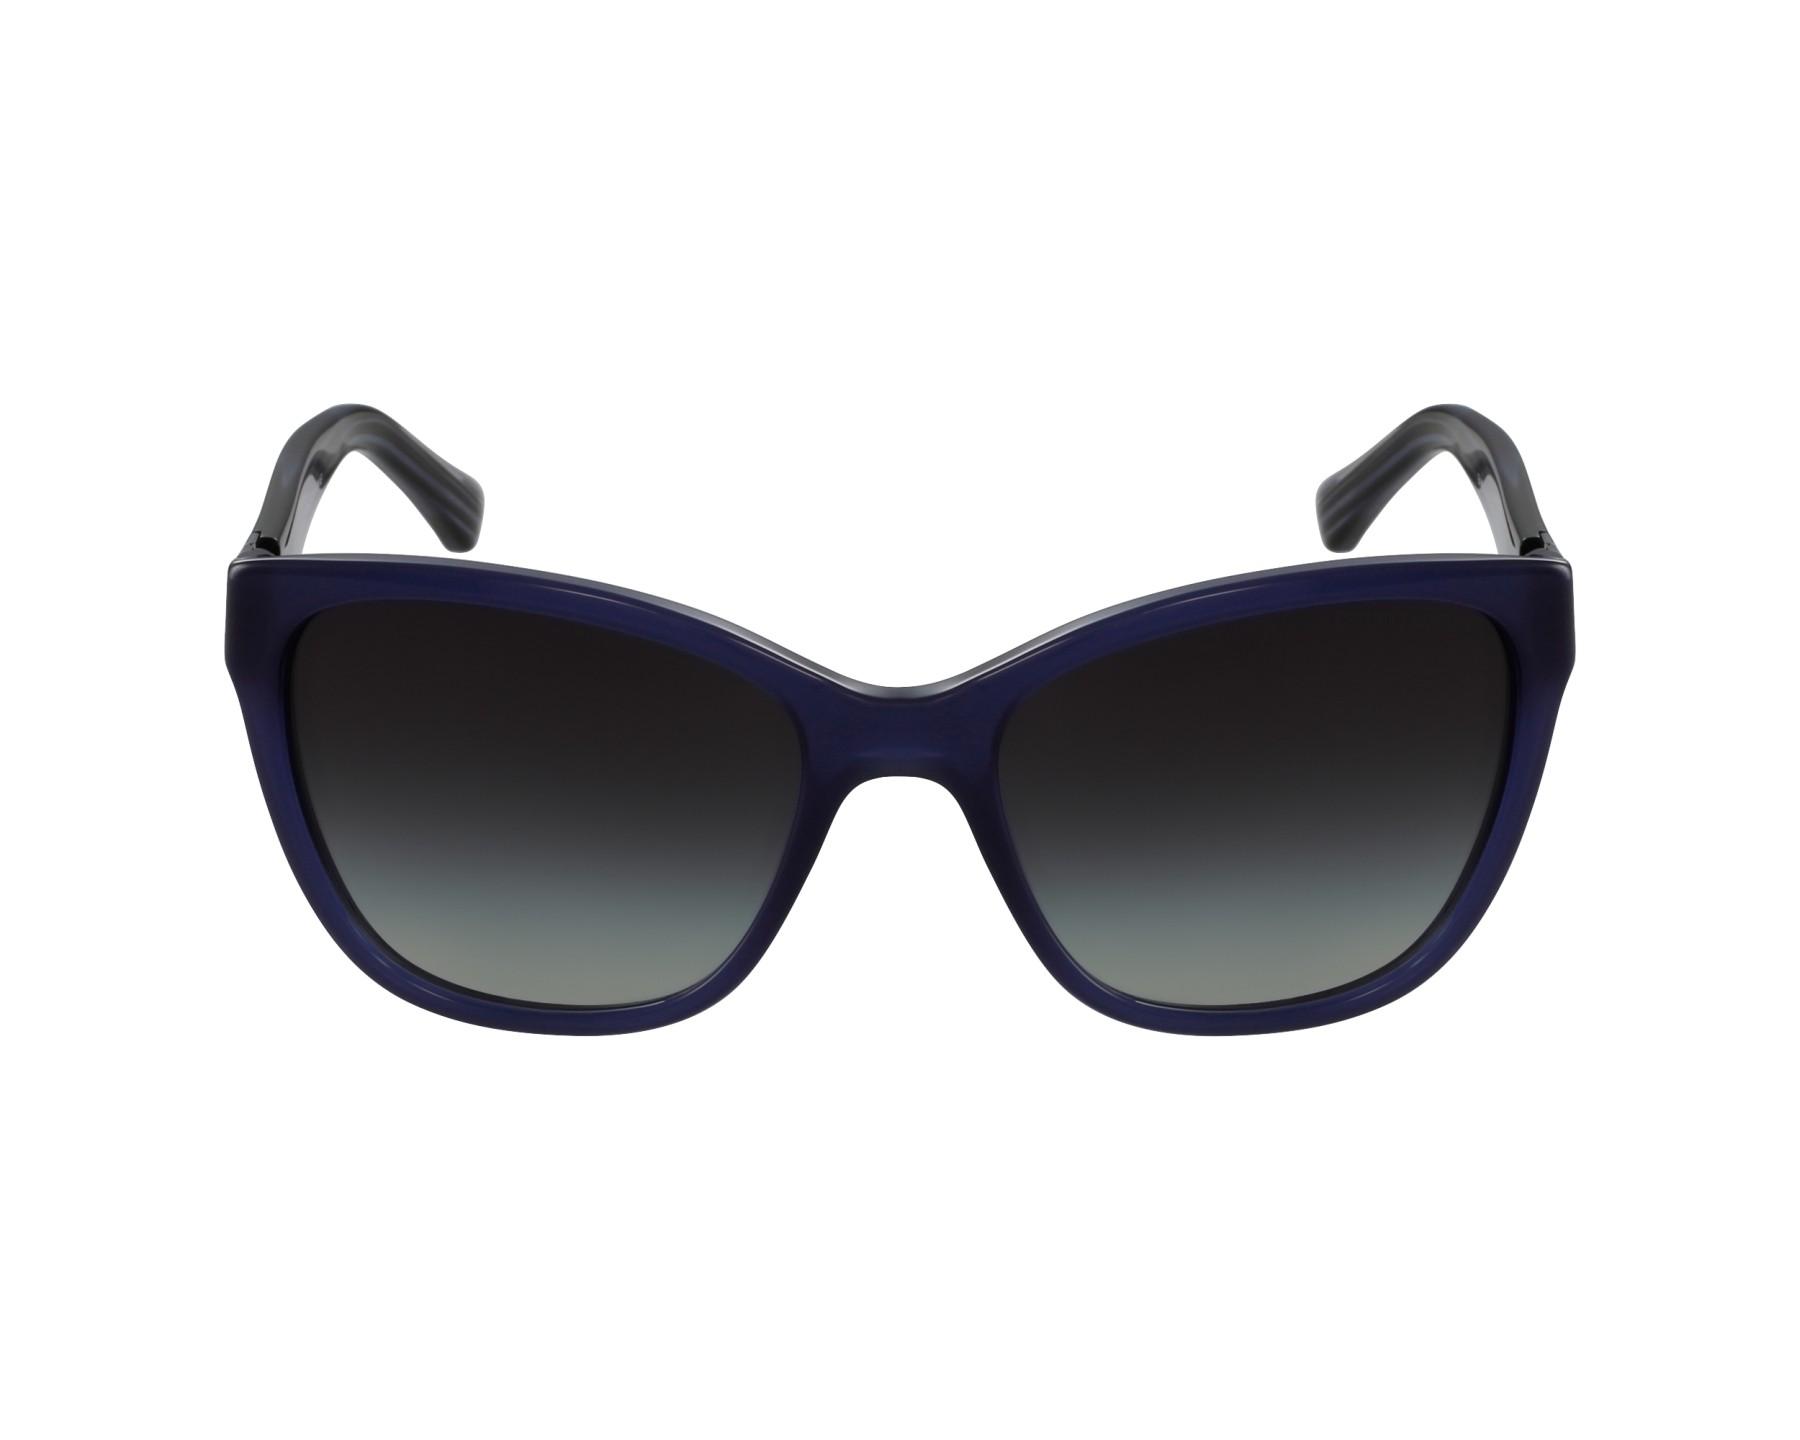 Lunettes de soleil emporio armani ea 4068 5518 8g bleu avec des verres gris - Verre lunette raye assurance ...